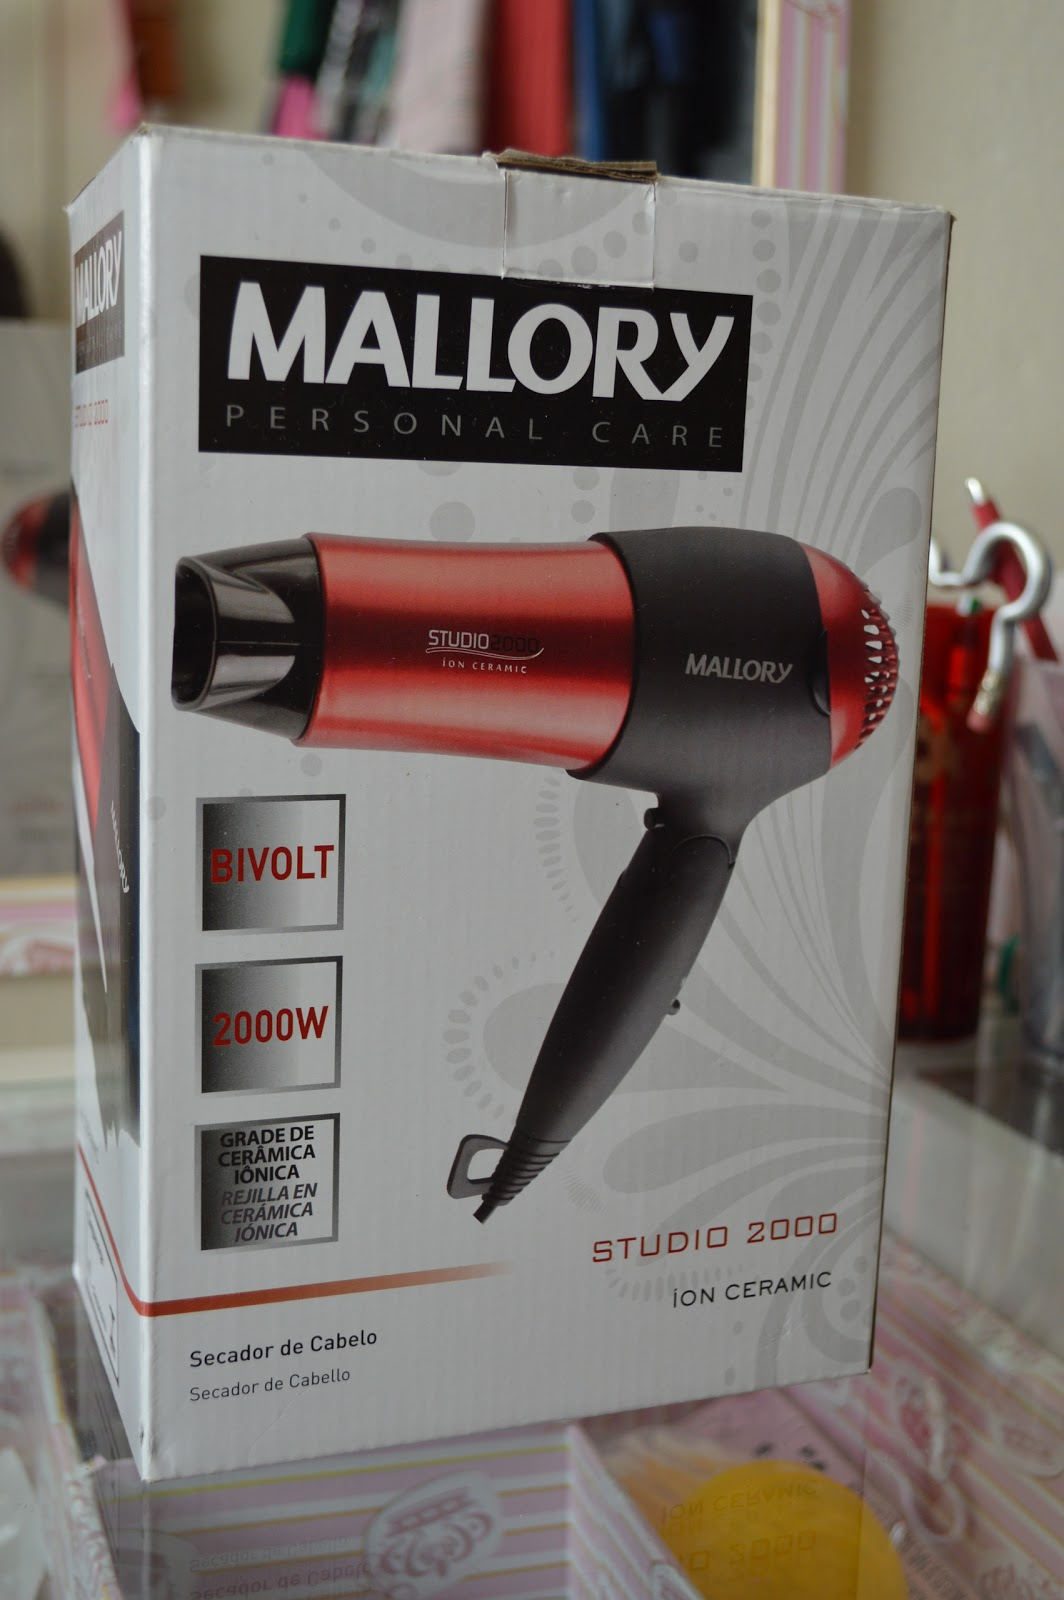 185039043 by Sayury Mendes: Secador Studio 2000 (Mallory) – Resenha